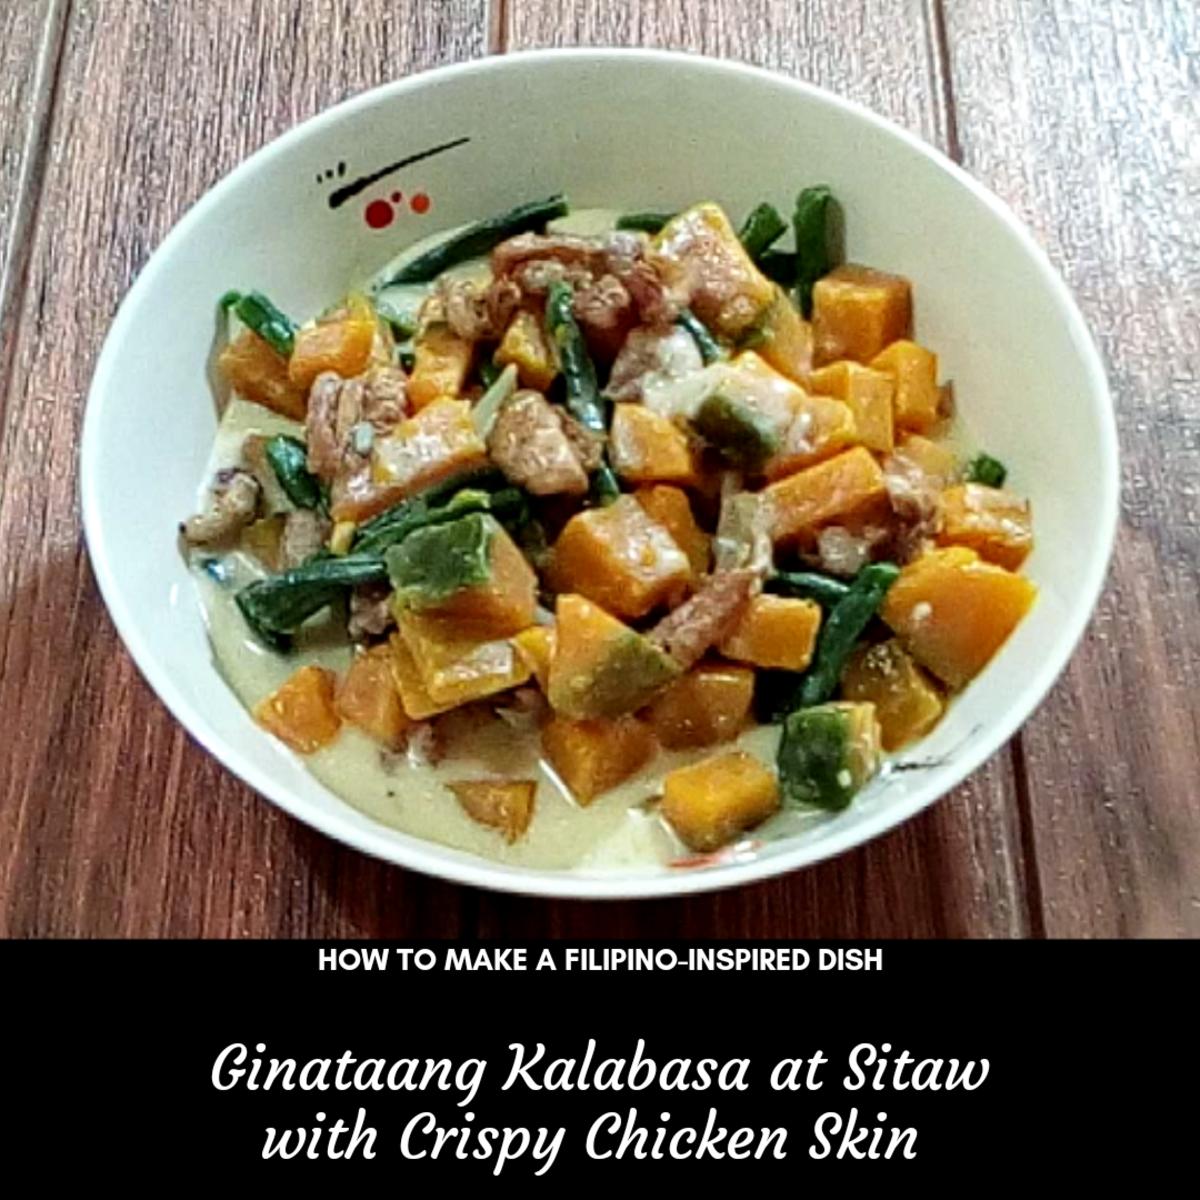 Ginataang Kalabasa at Sitaw With Crispy Chicken Skin: A Filipino-Inspired Dish